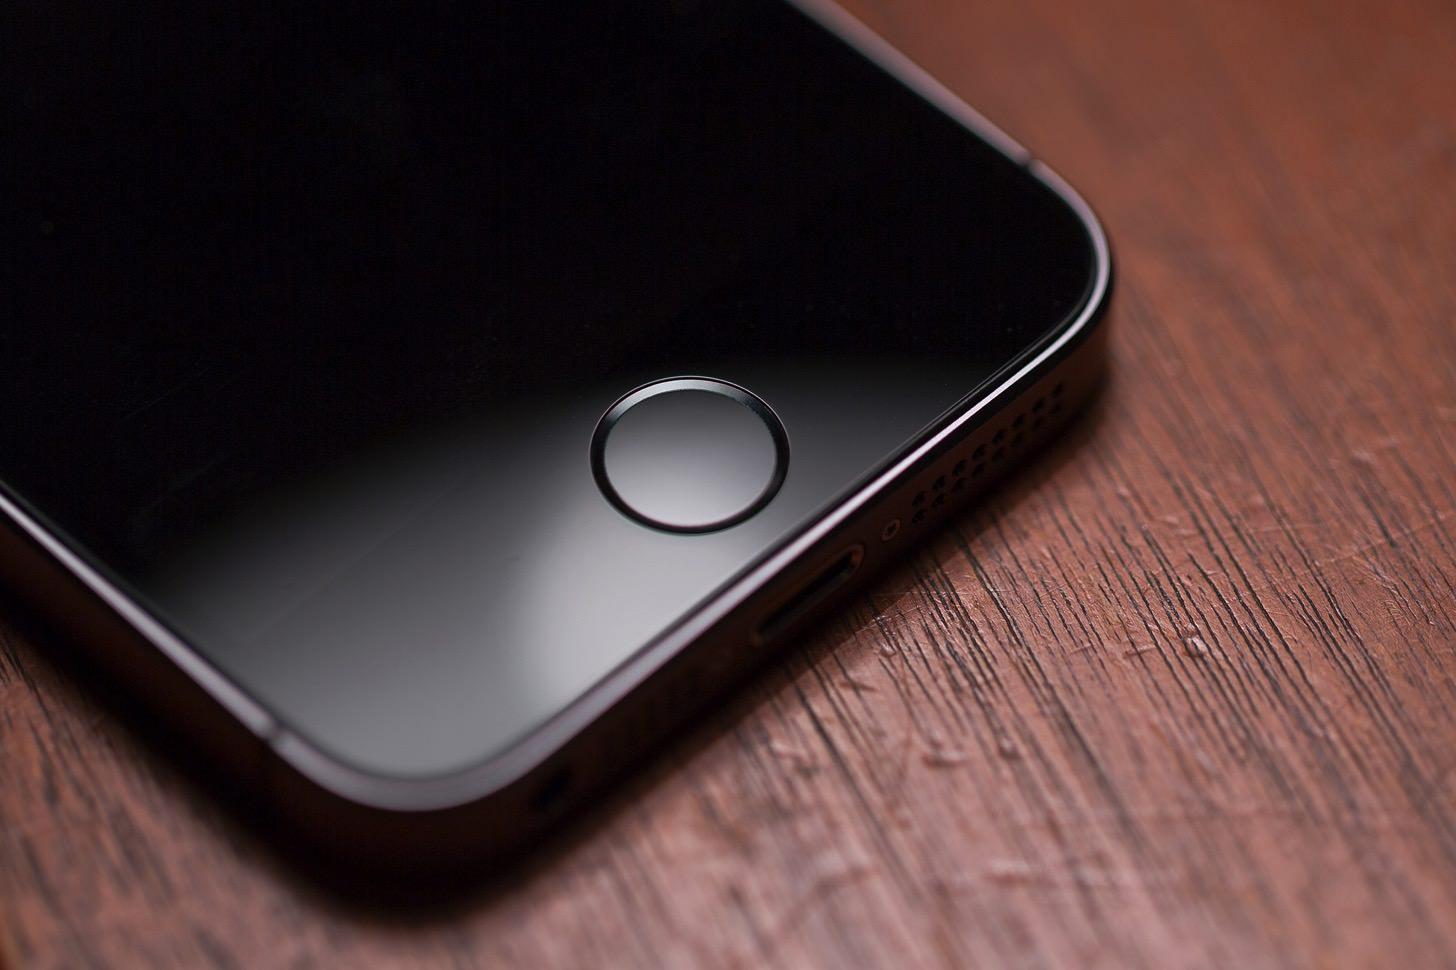 iPhoneのホームボタン。